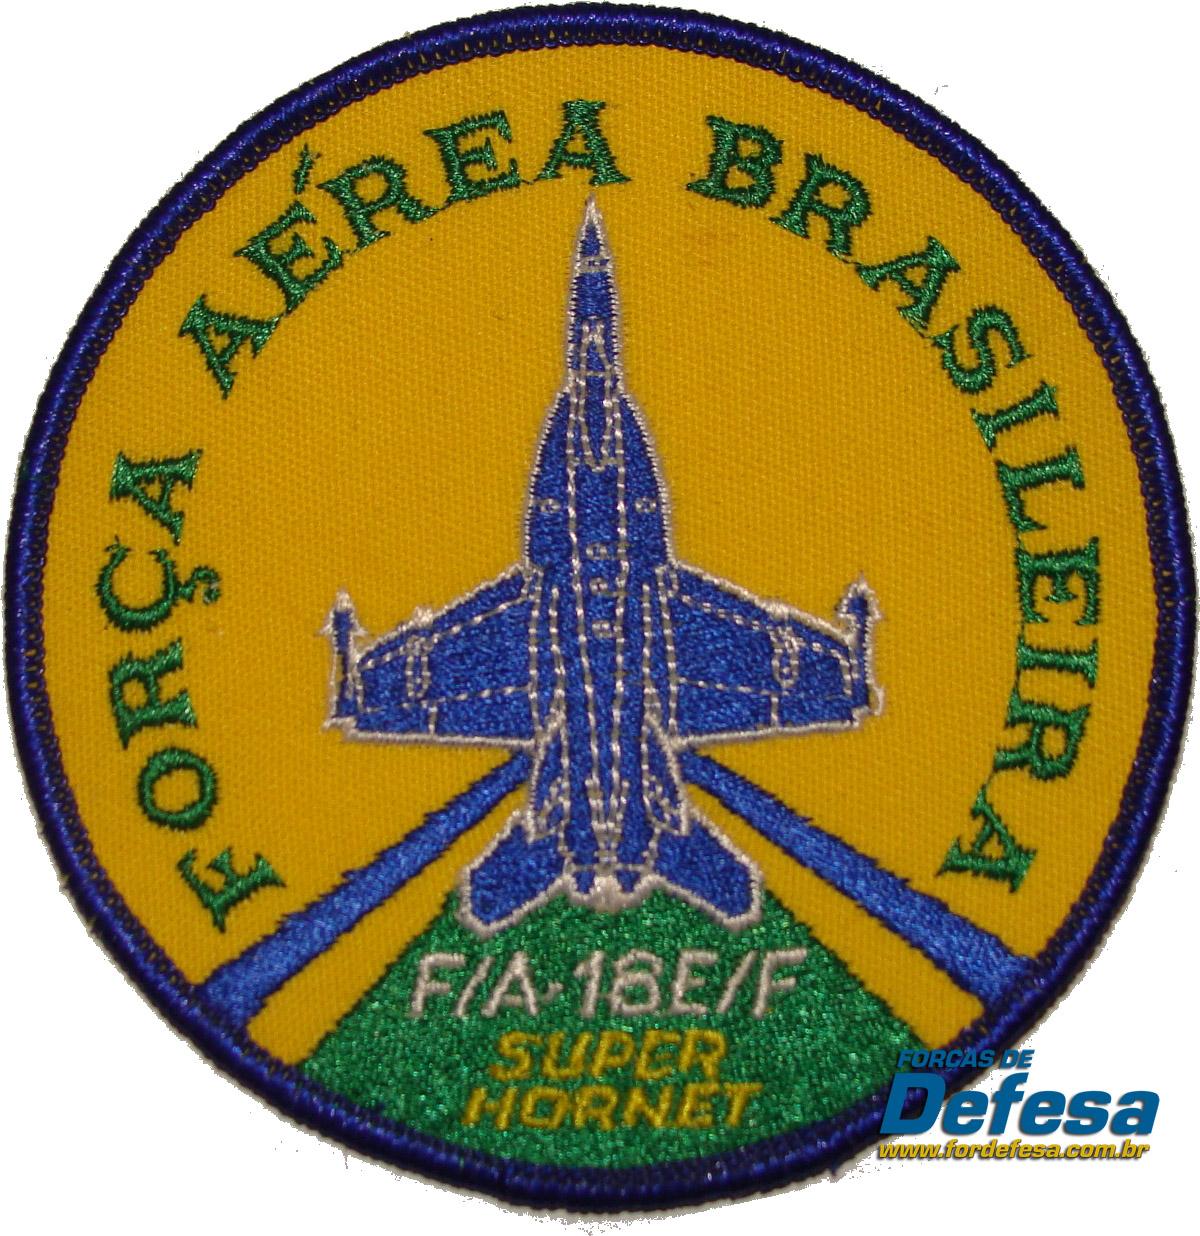 bolacha do F-18 com as cores da FAB